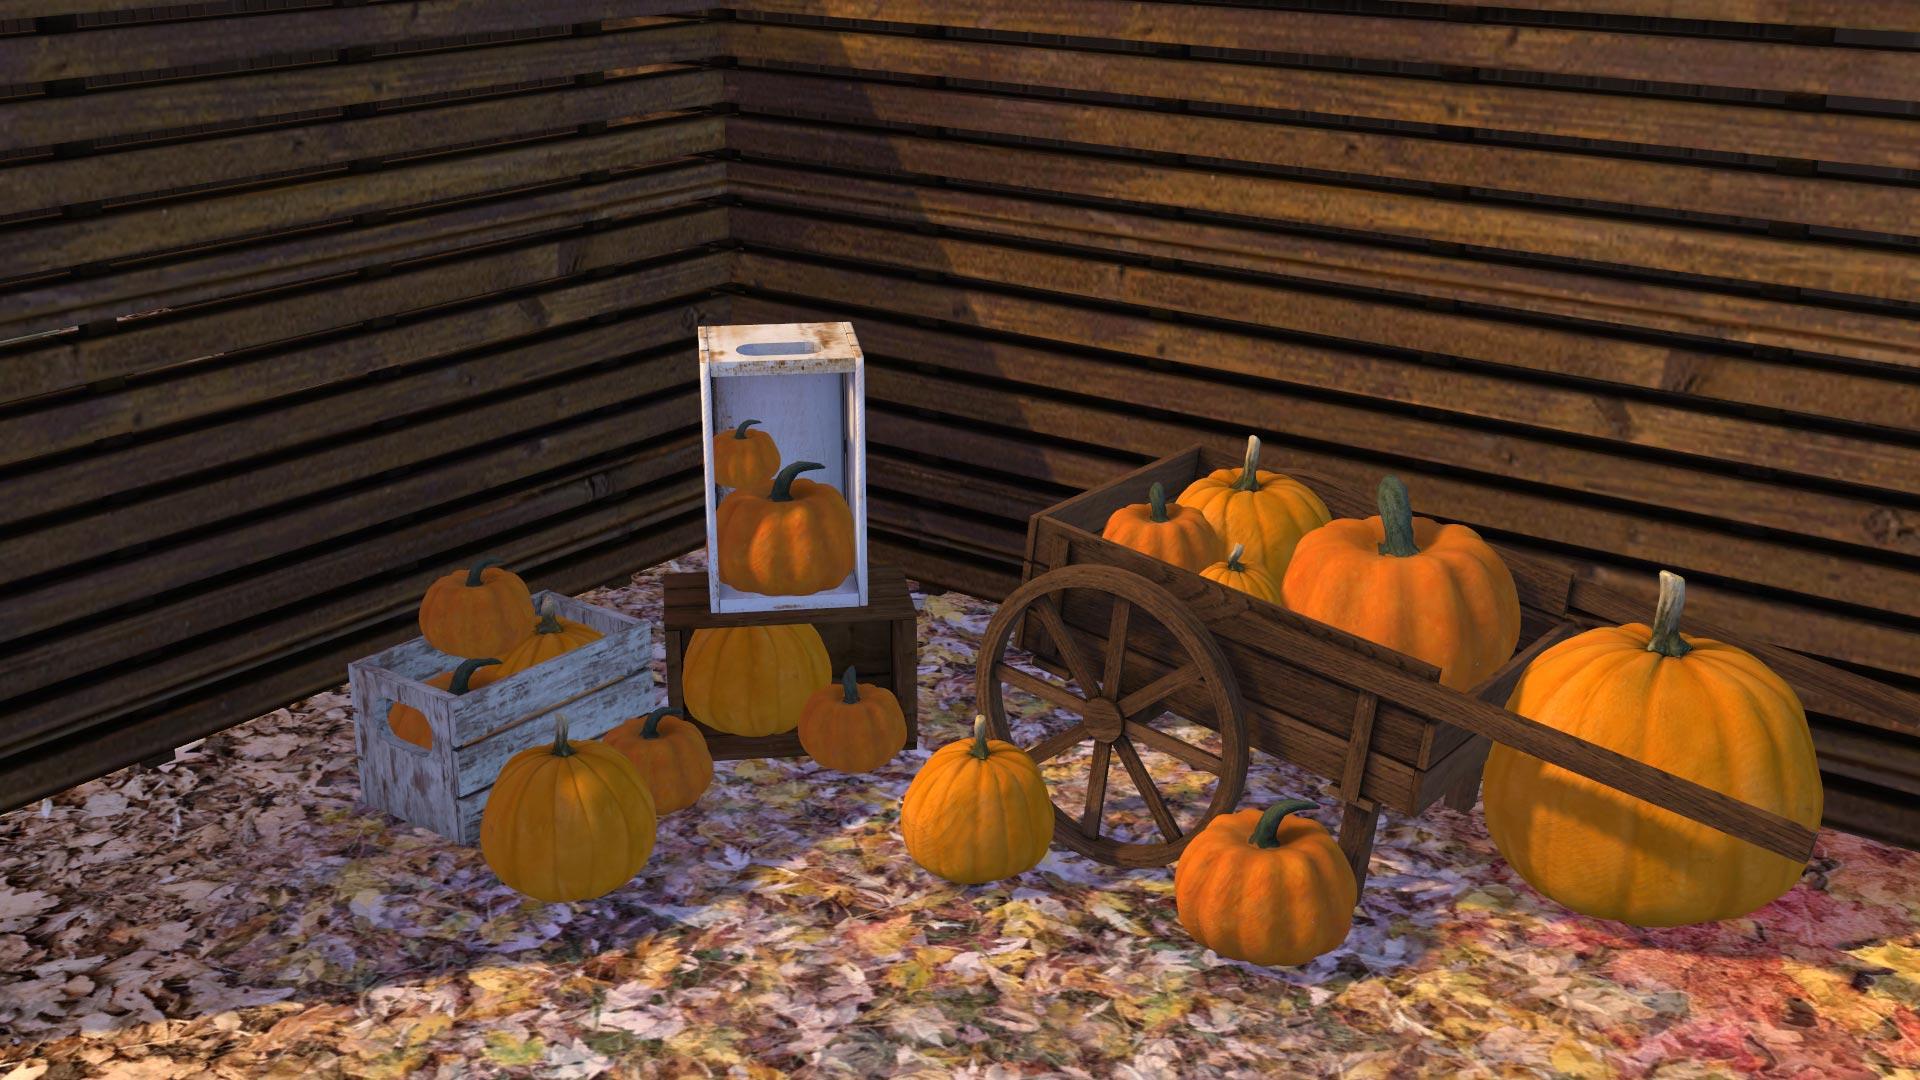 pumpkin-patch-decor.jpg